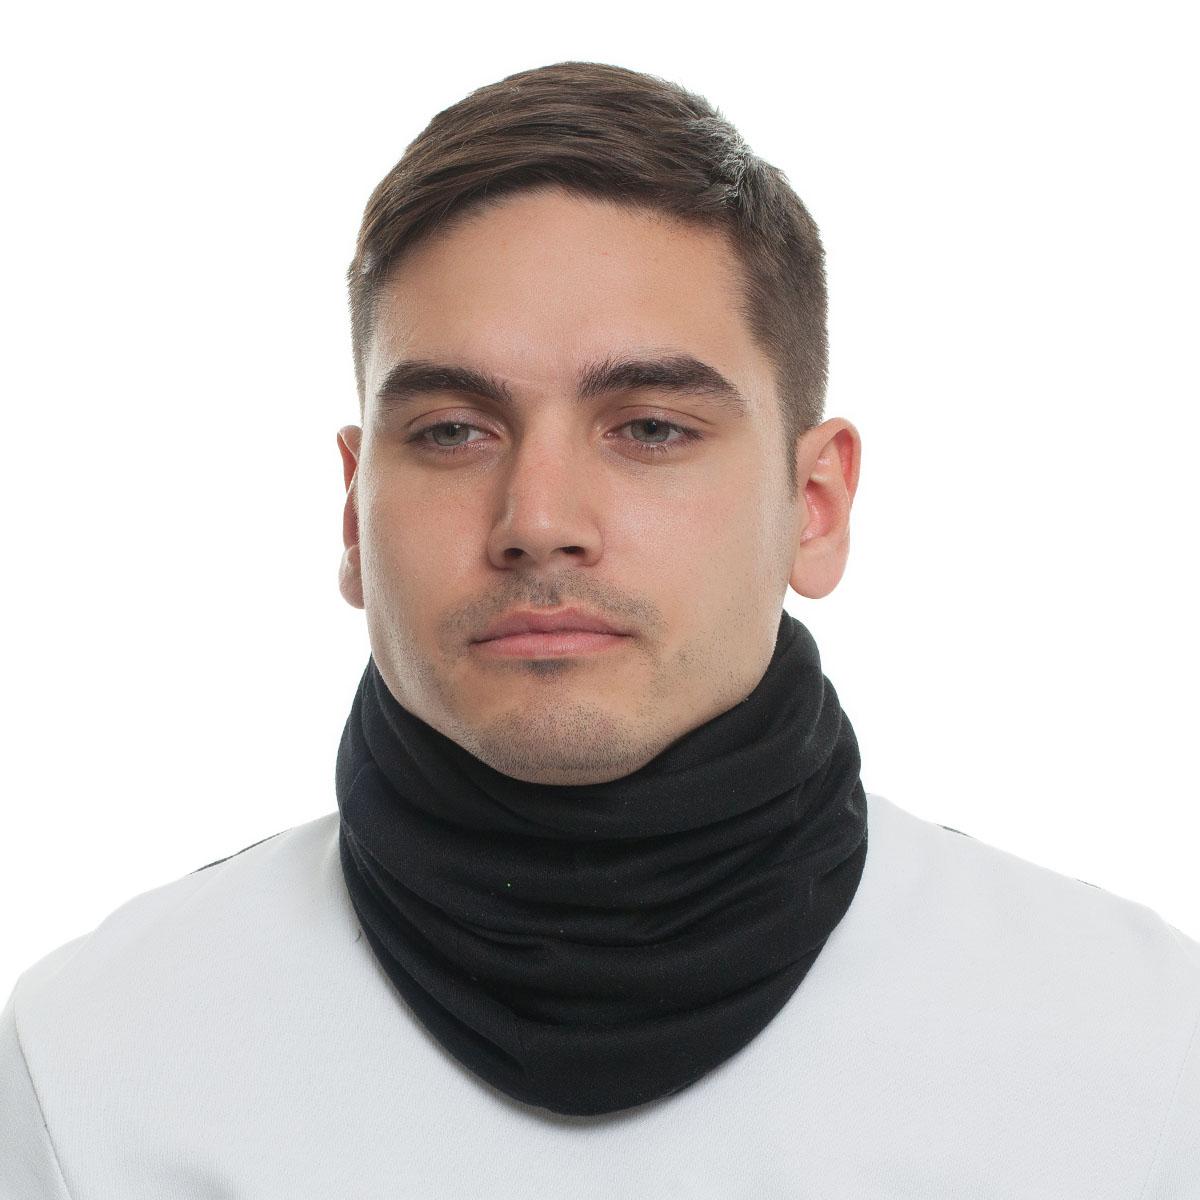 Шарф Sevenext, 38834-10 шарф sevenext 219